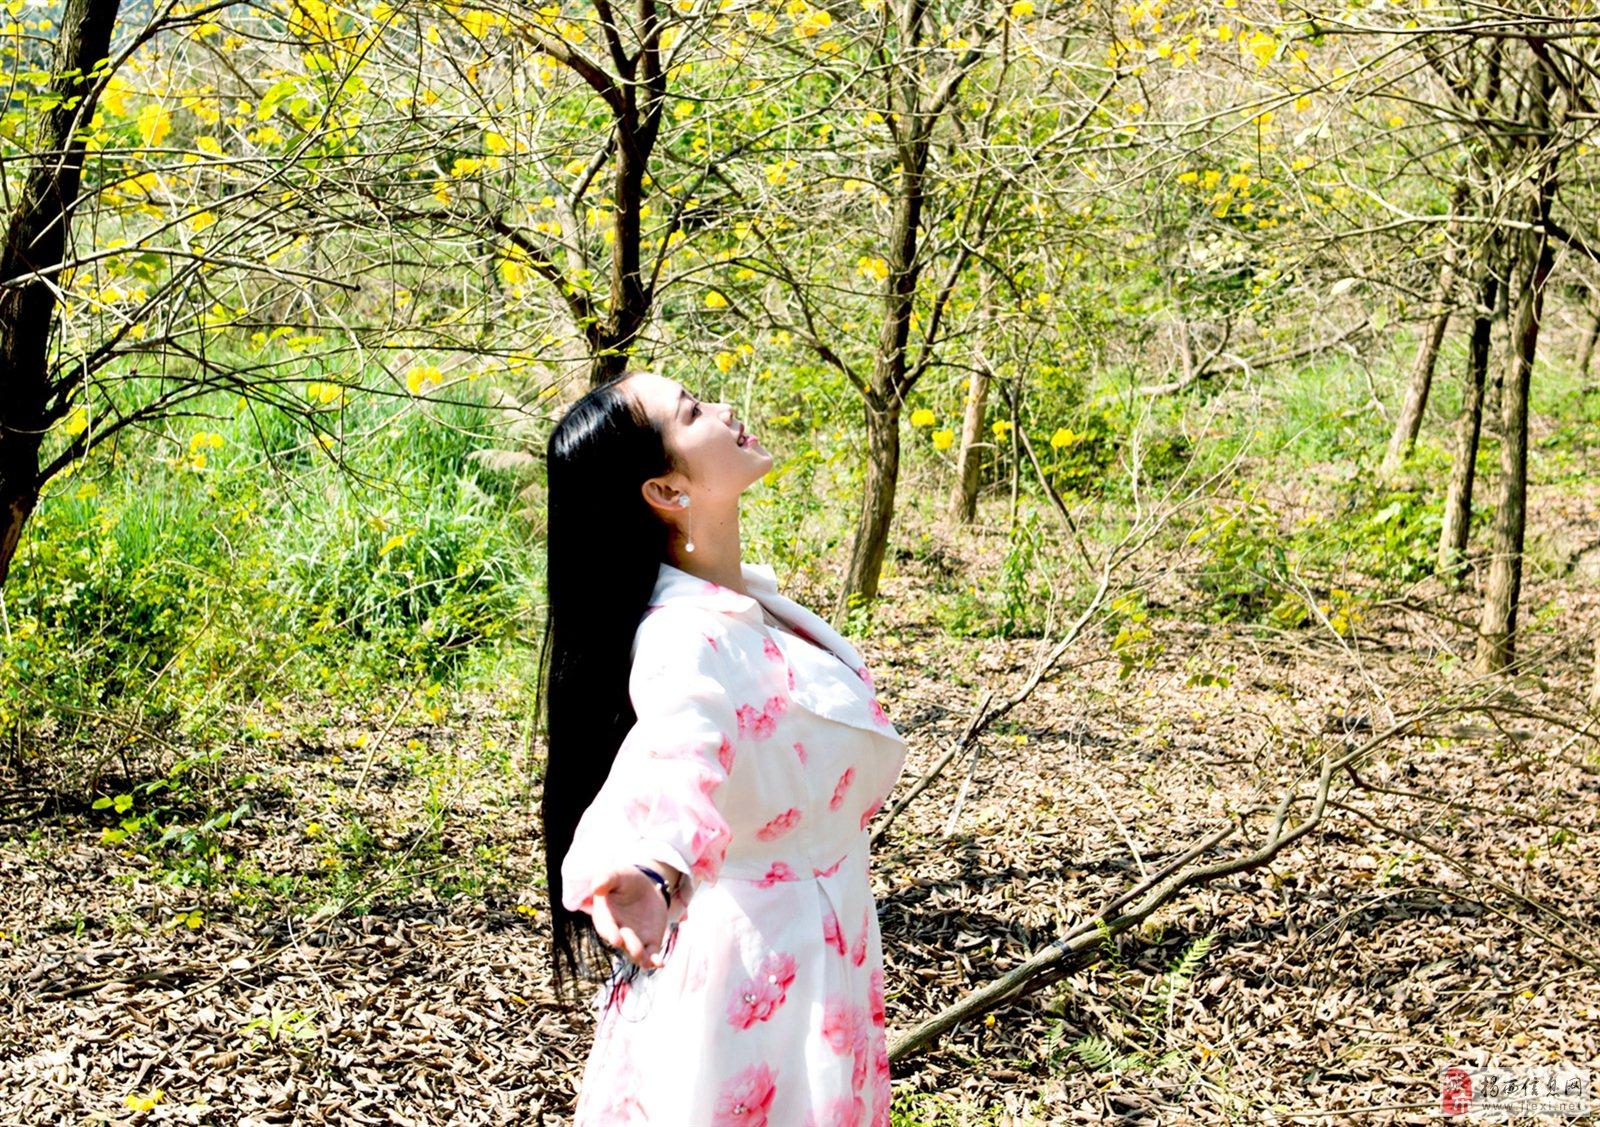 黄花飘落叶